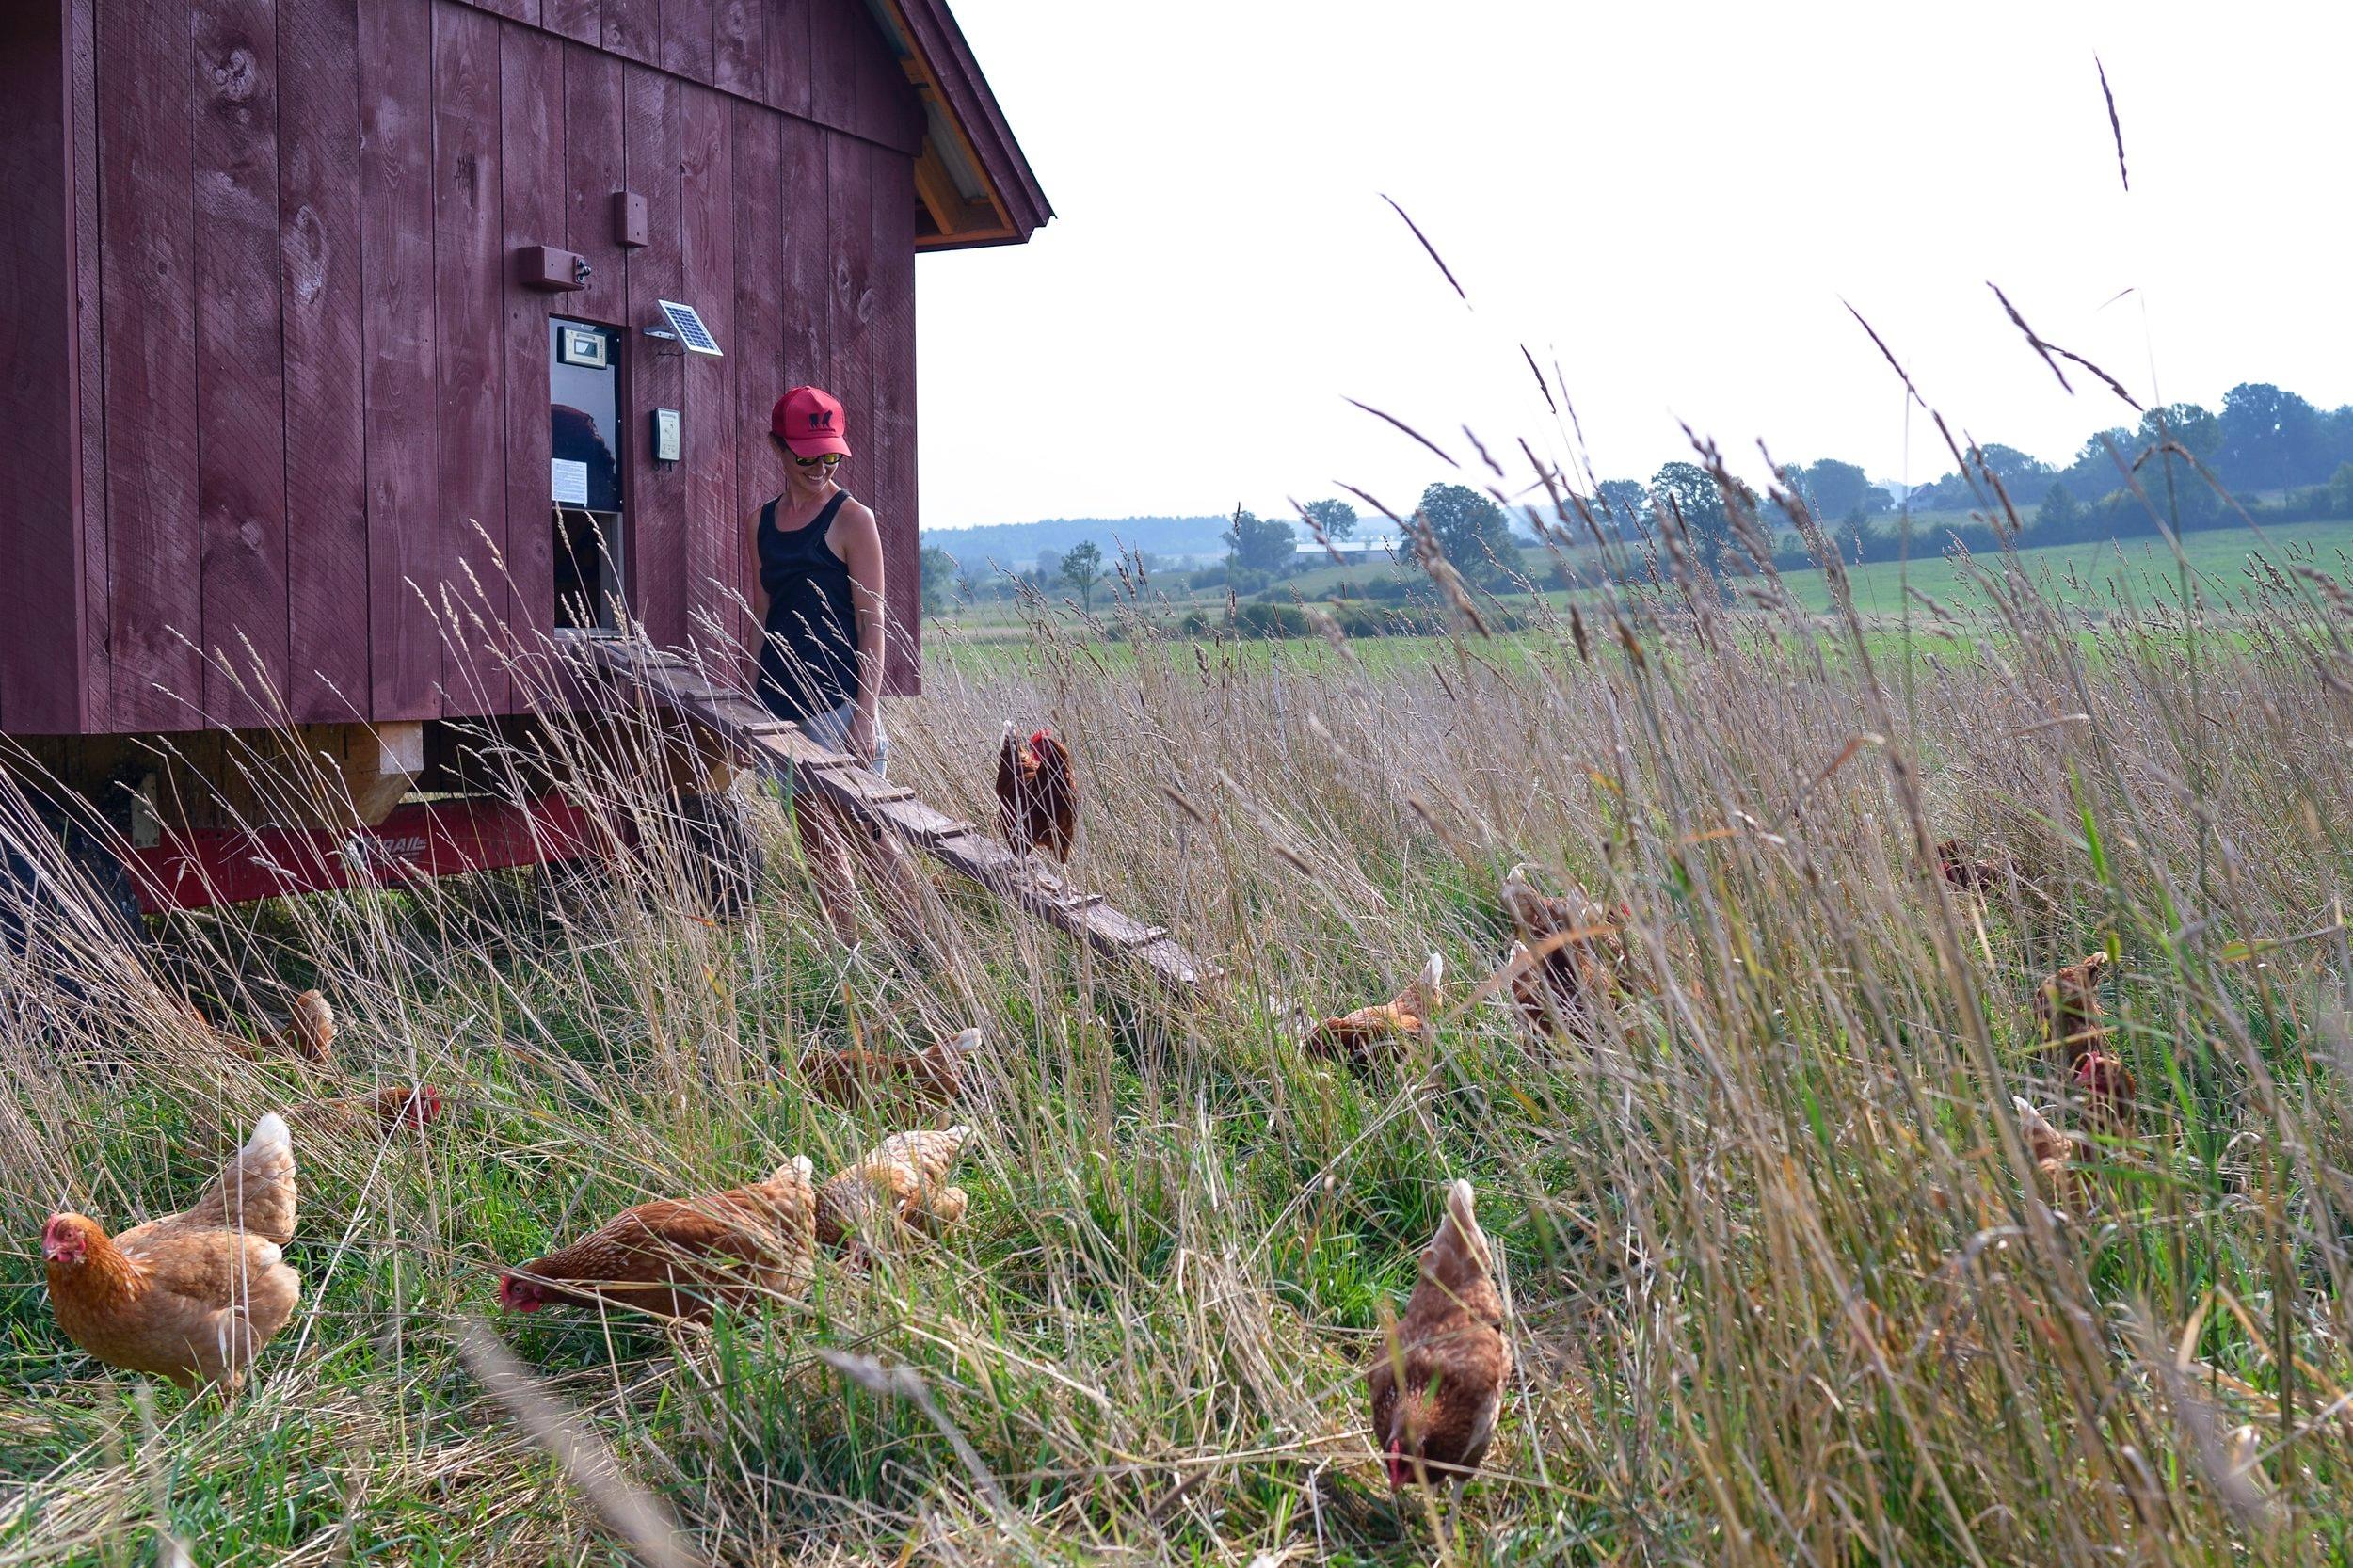 Chickens at Philo Ridge Farm in Vermont.